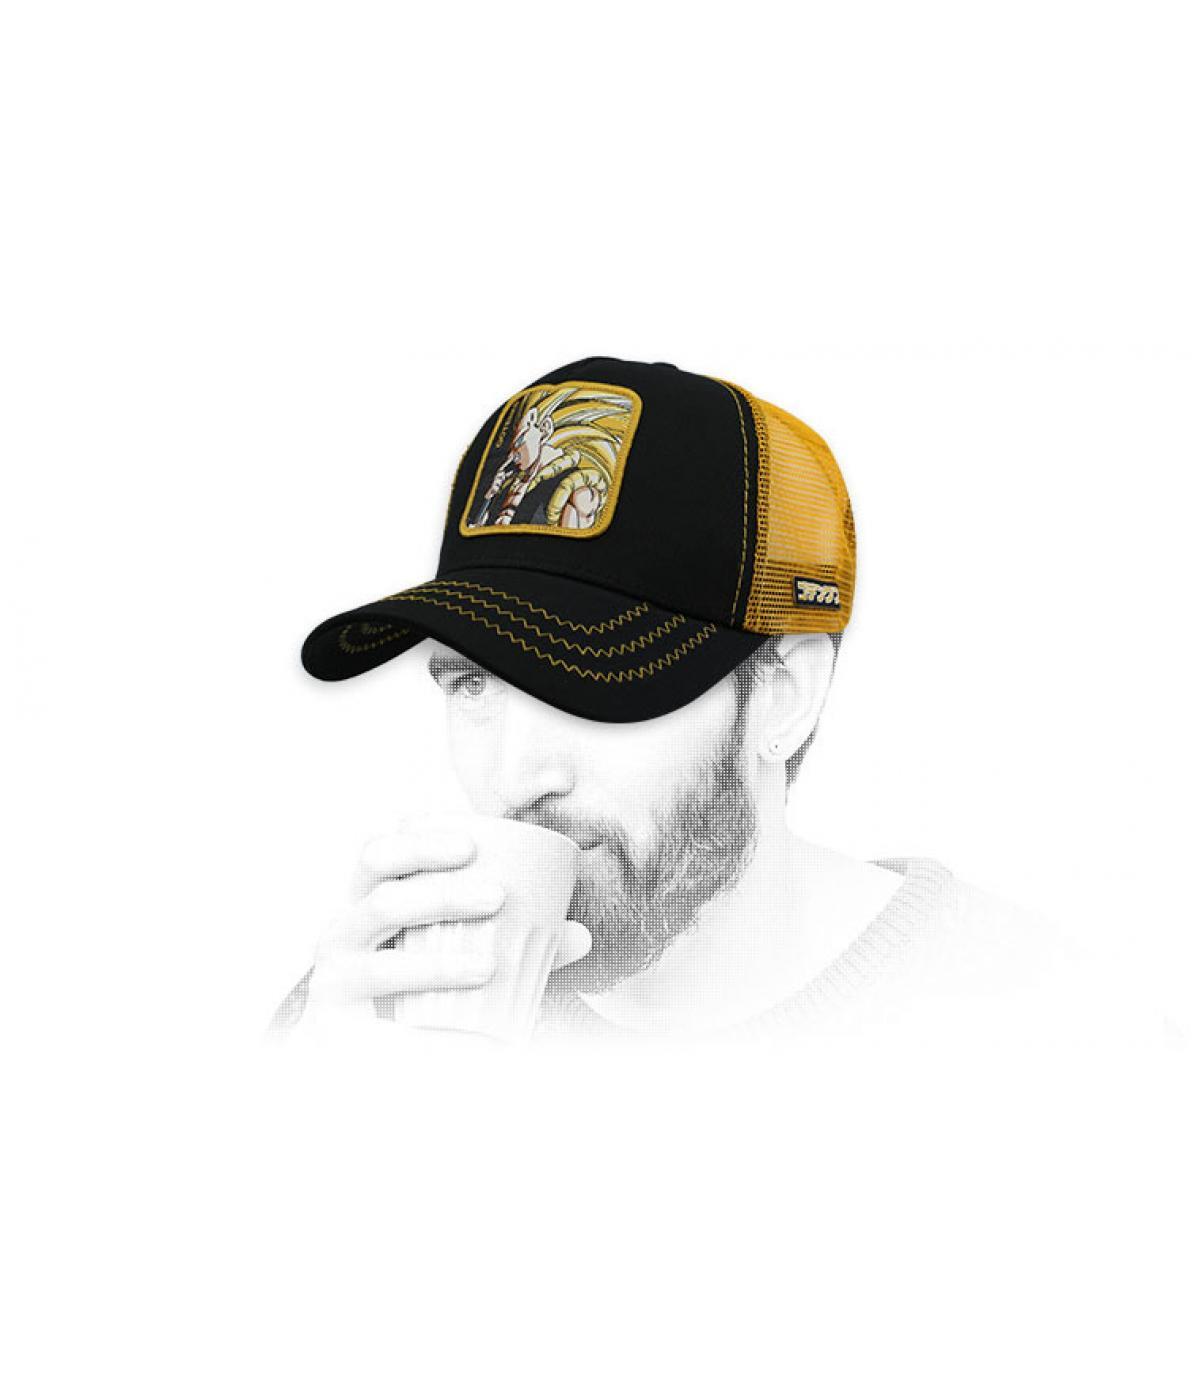 d3e6235f3a Hat, cap, beanie - The headwear shop Headict.co.uk